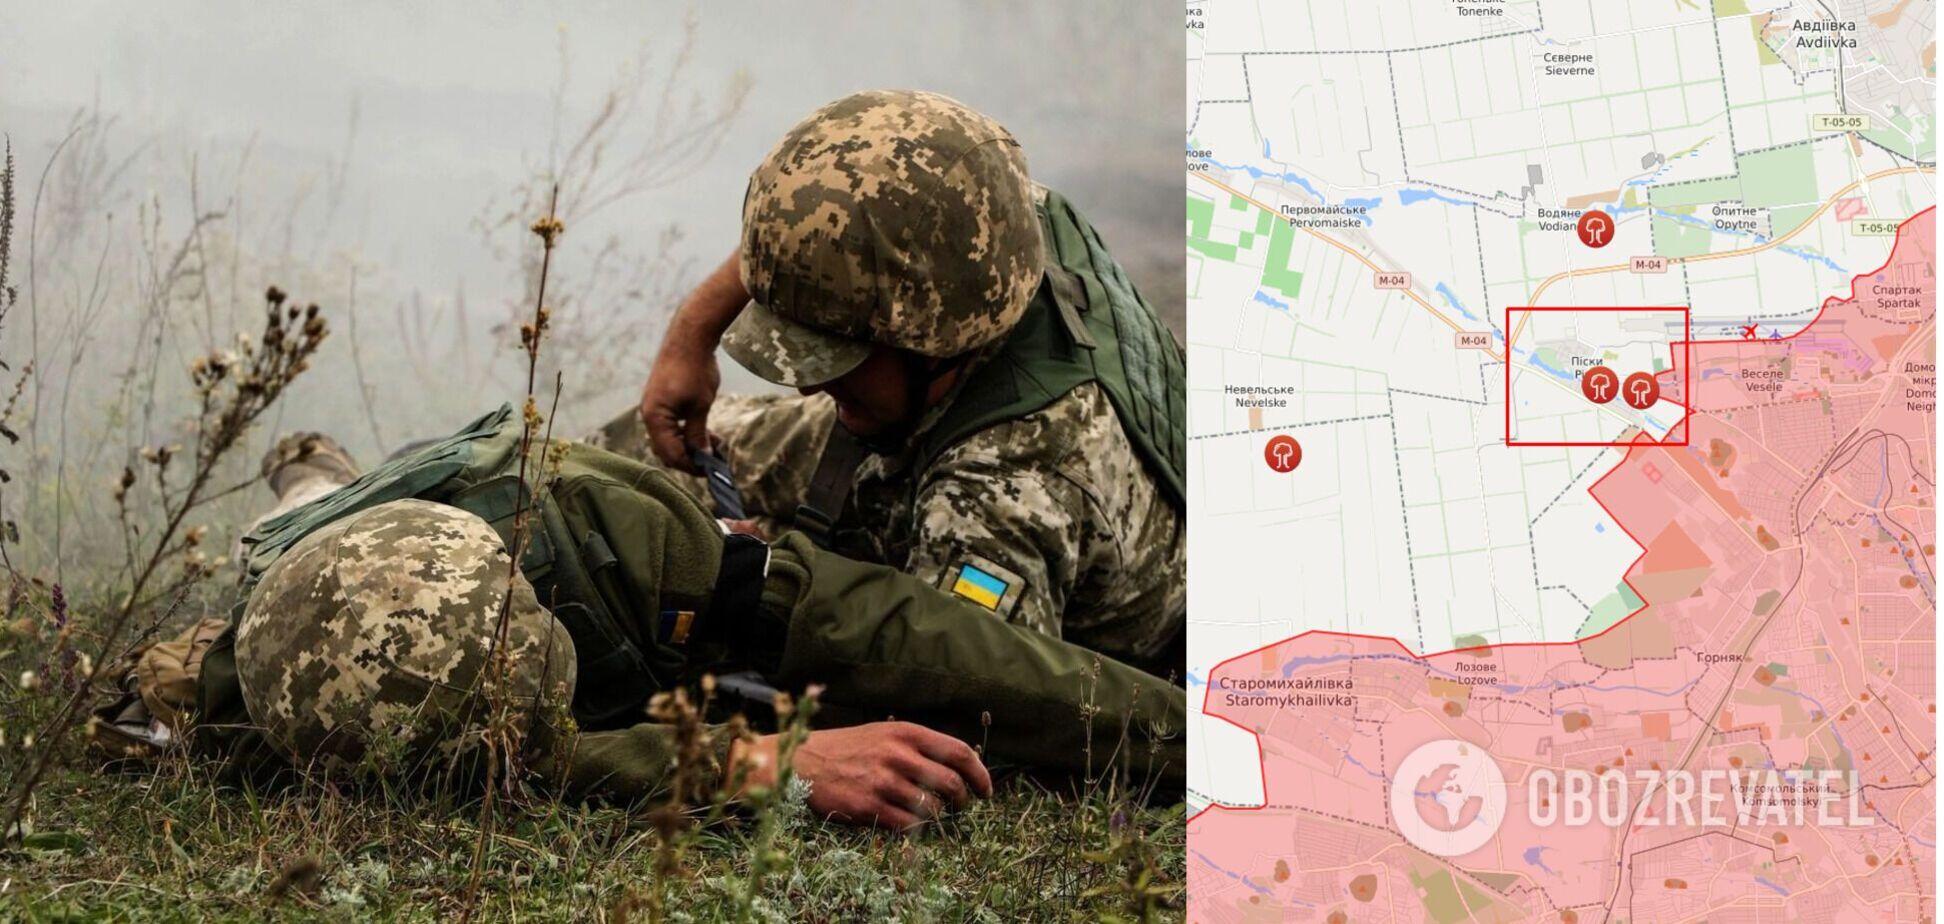 На Донбассе ранен украинский военный: что известно о его состоянии